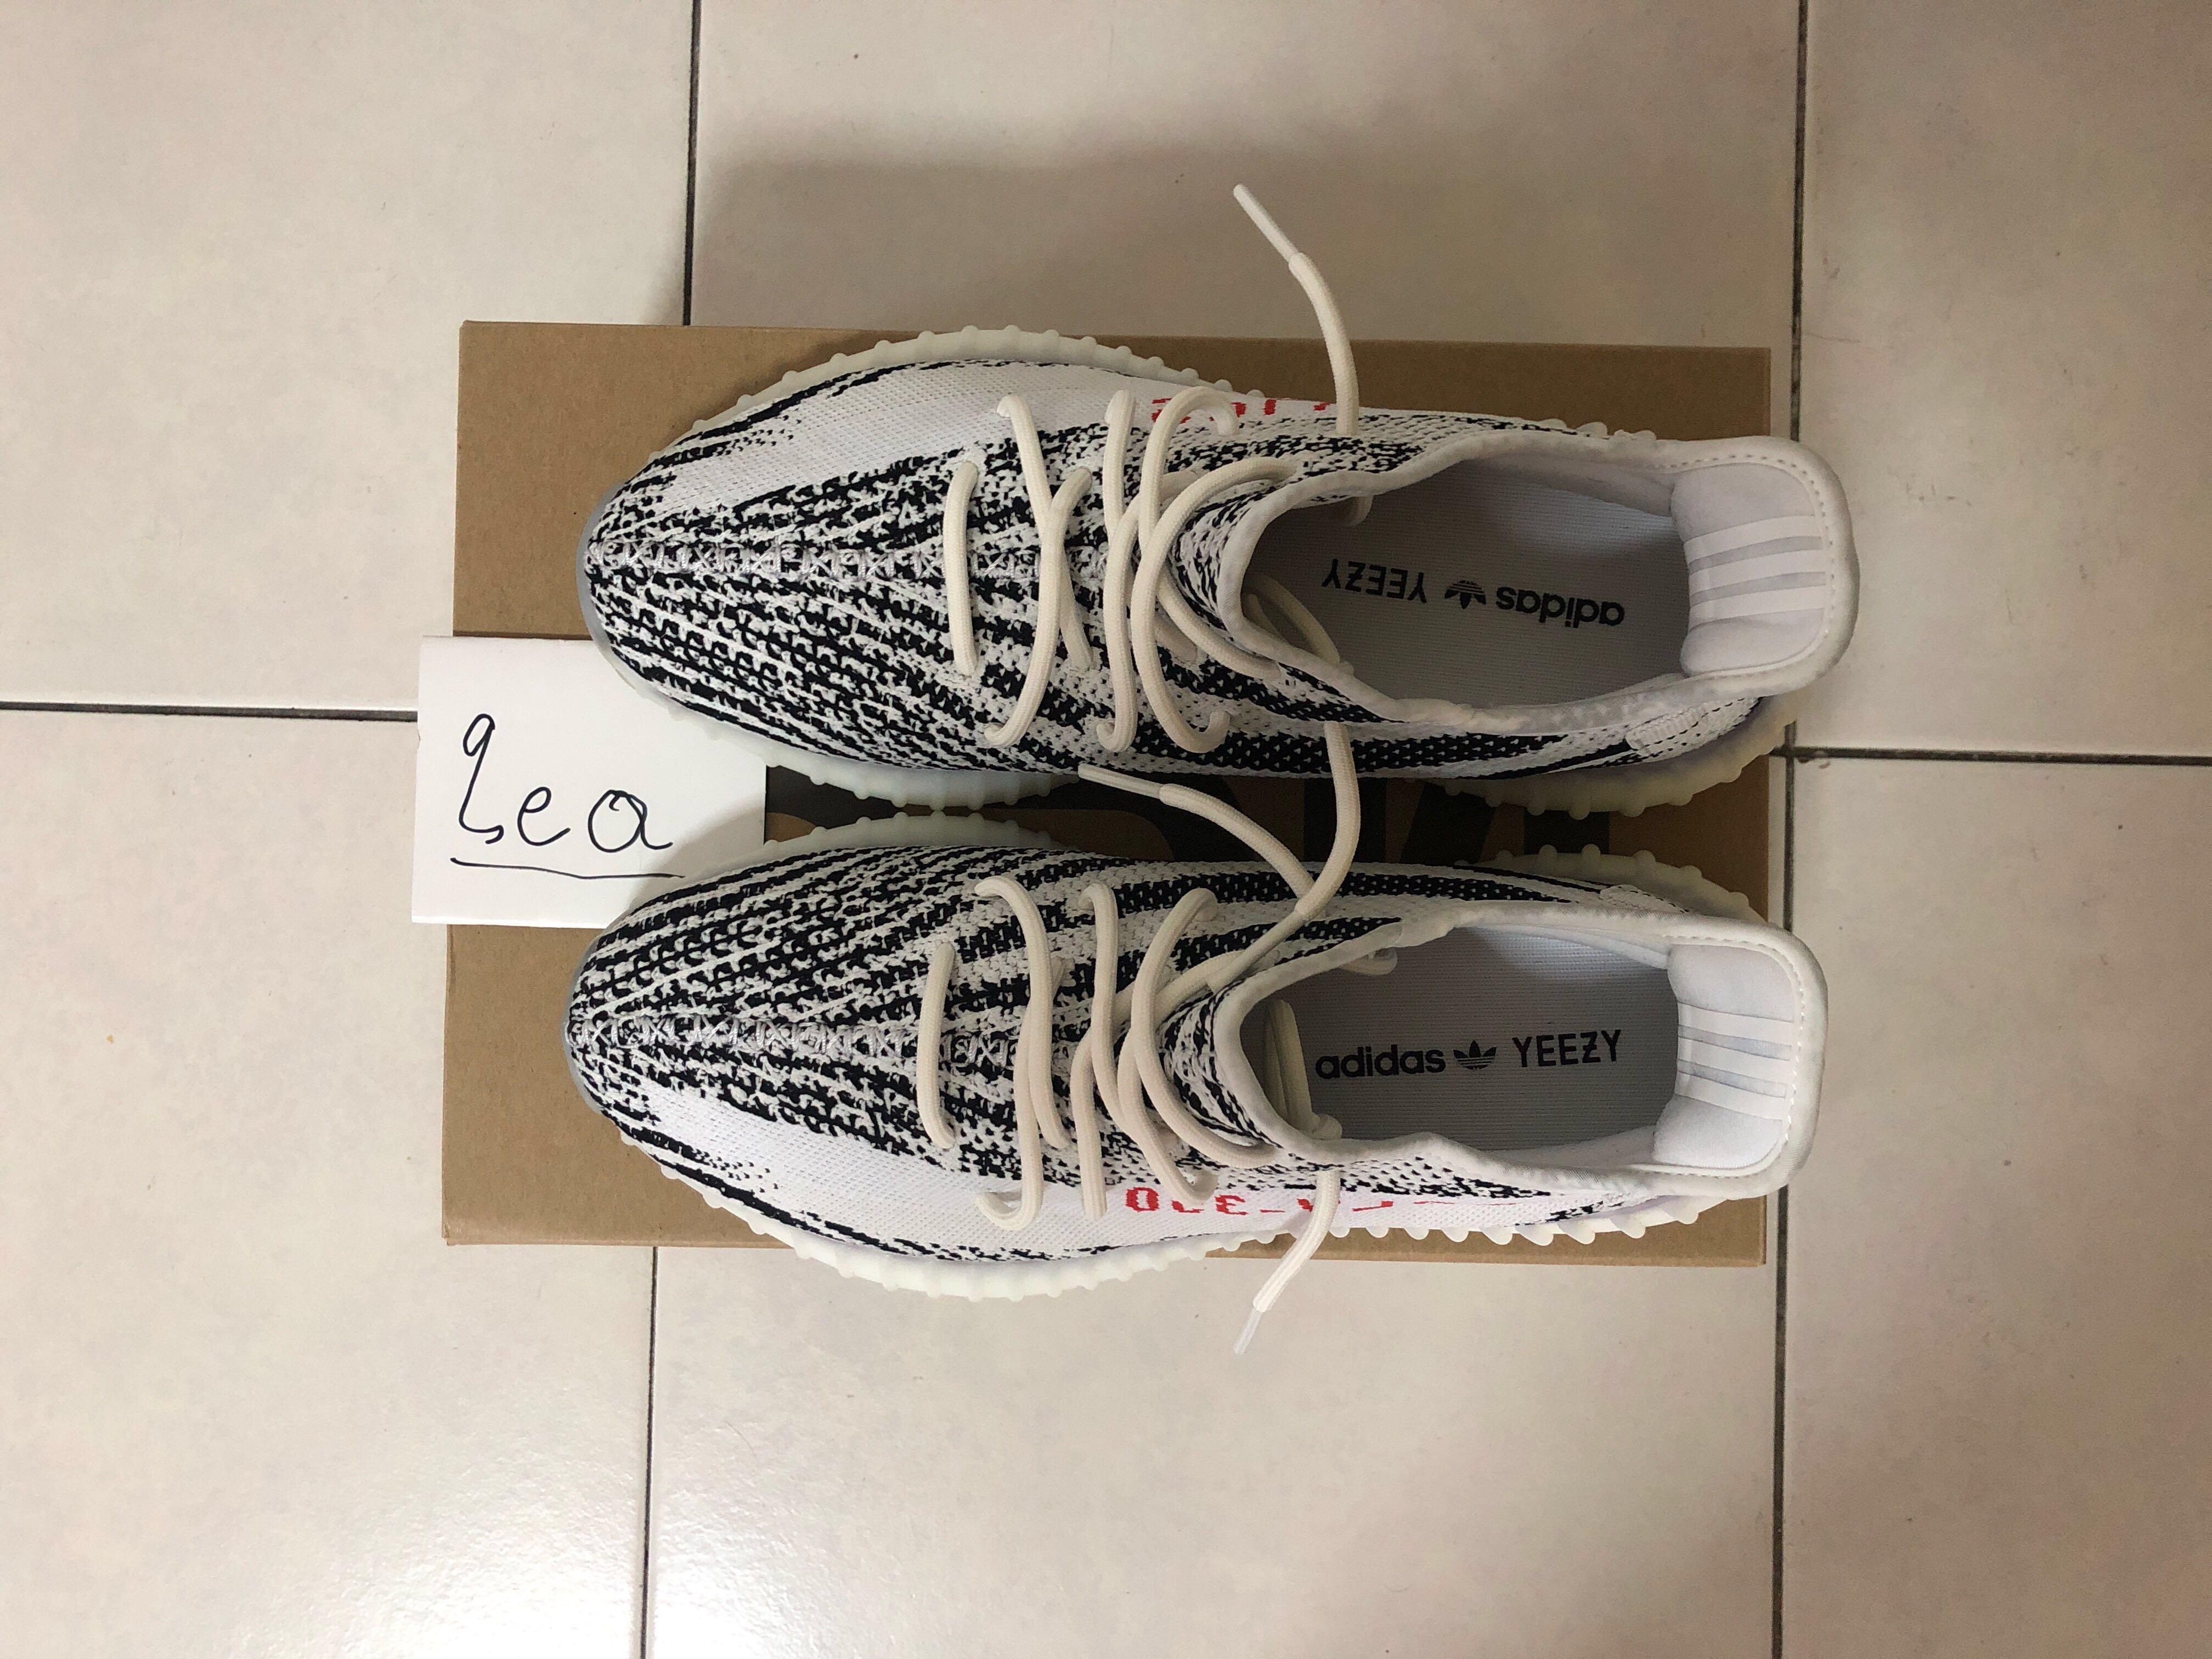 867aa6de5 Yeezy Boost 350 V2 Zebra